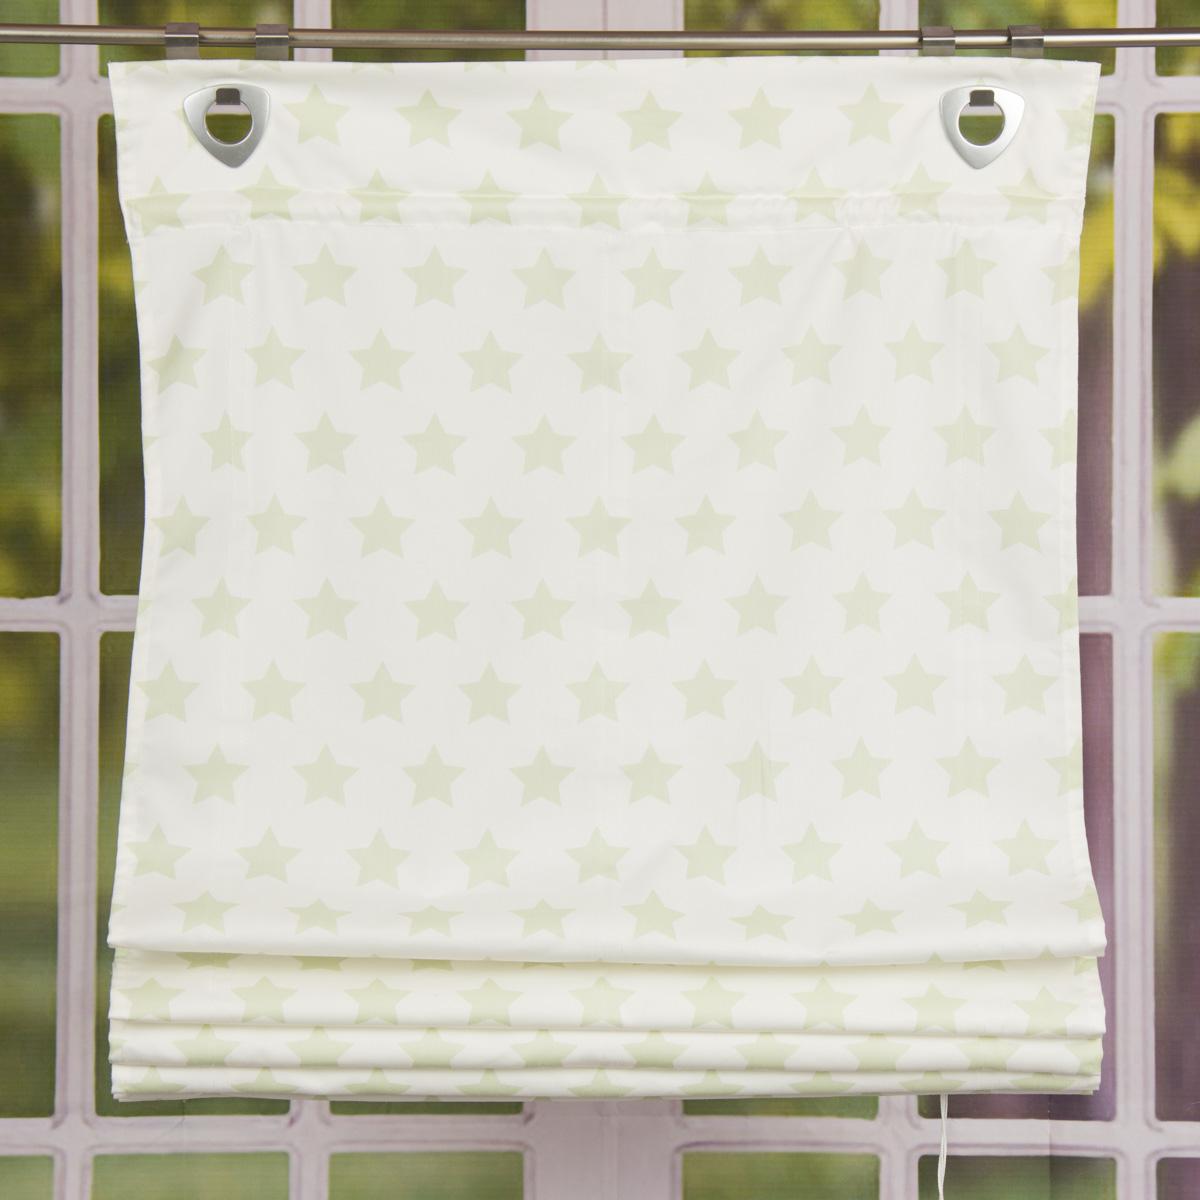 Raffrollo mit Fensterhaken Sterne hellgrün 100x140cm